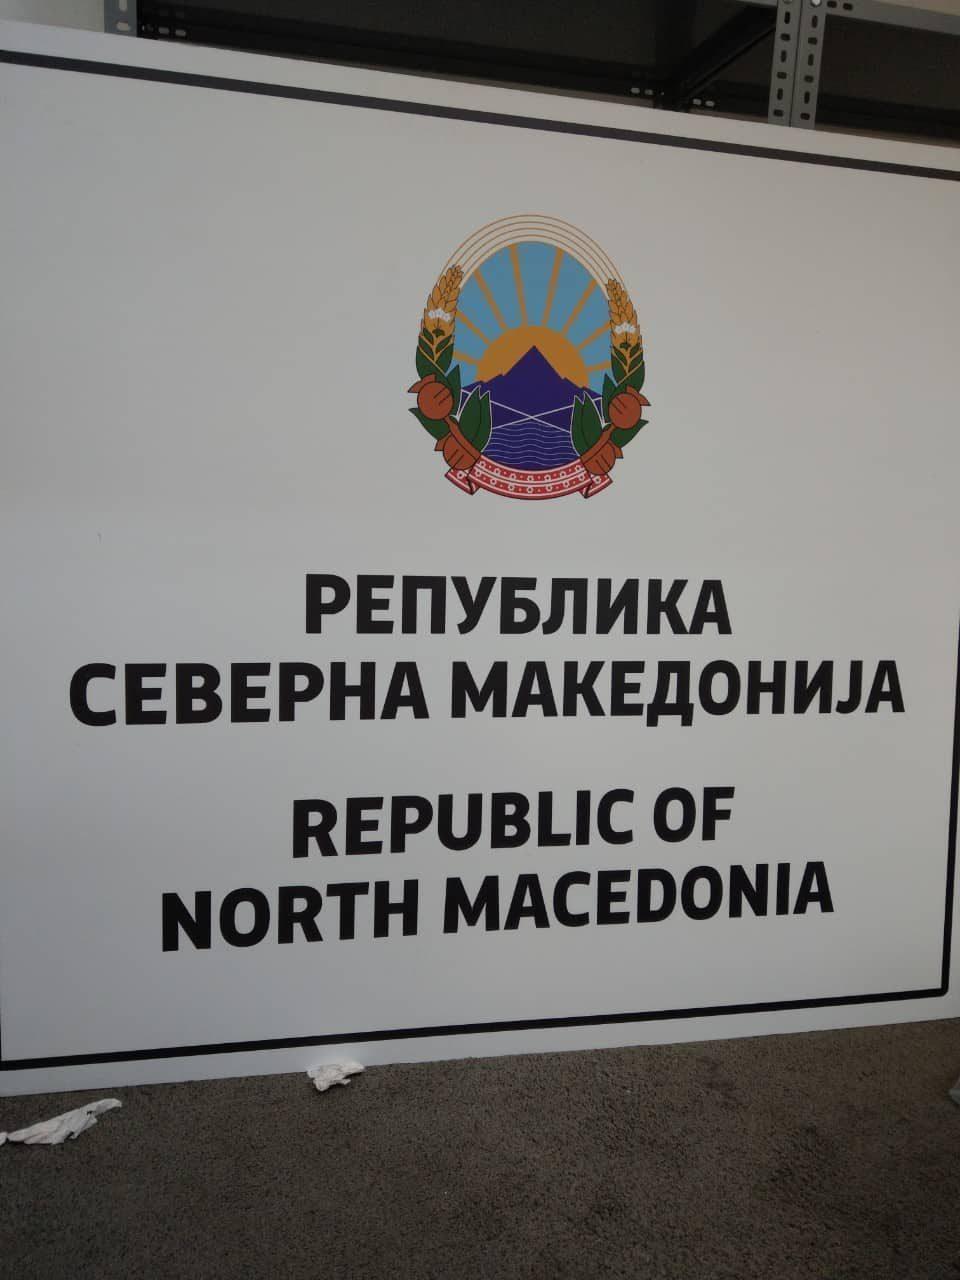 """Никола Буџак: Што се смени со """"Северна Македонија"""", еве во Германија ми вратија документи со образложение дека таква земја не постои"""